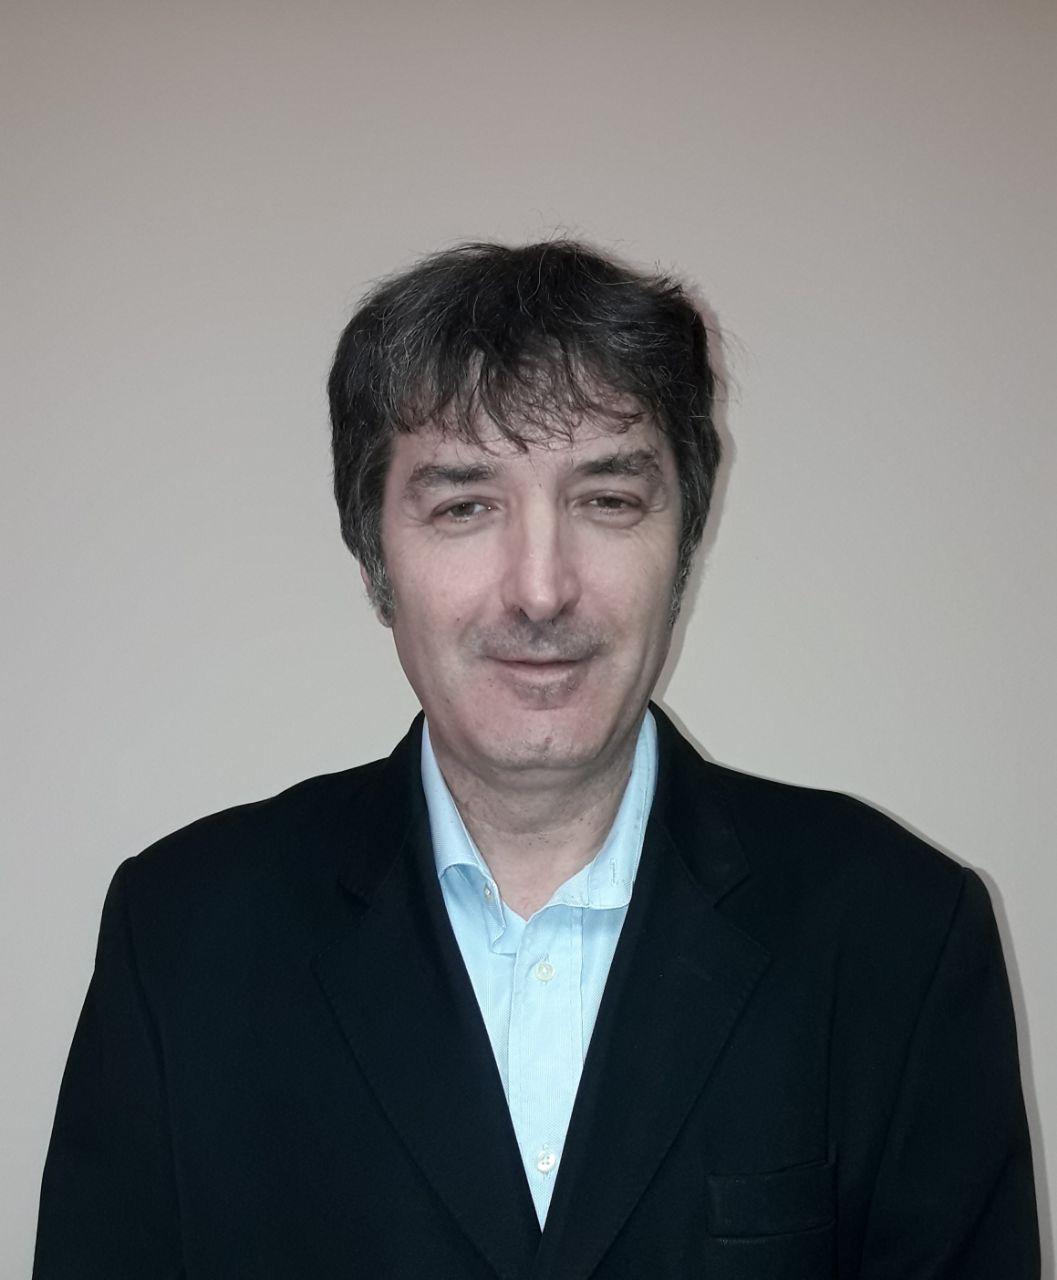 Rafael Esteban Palazón